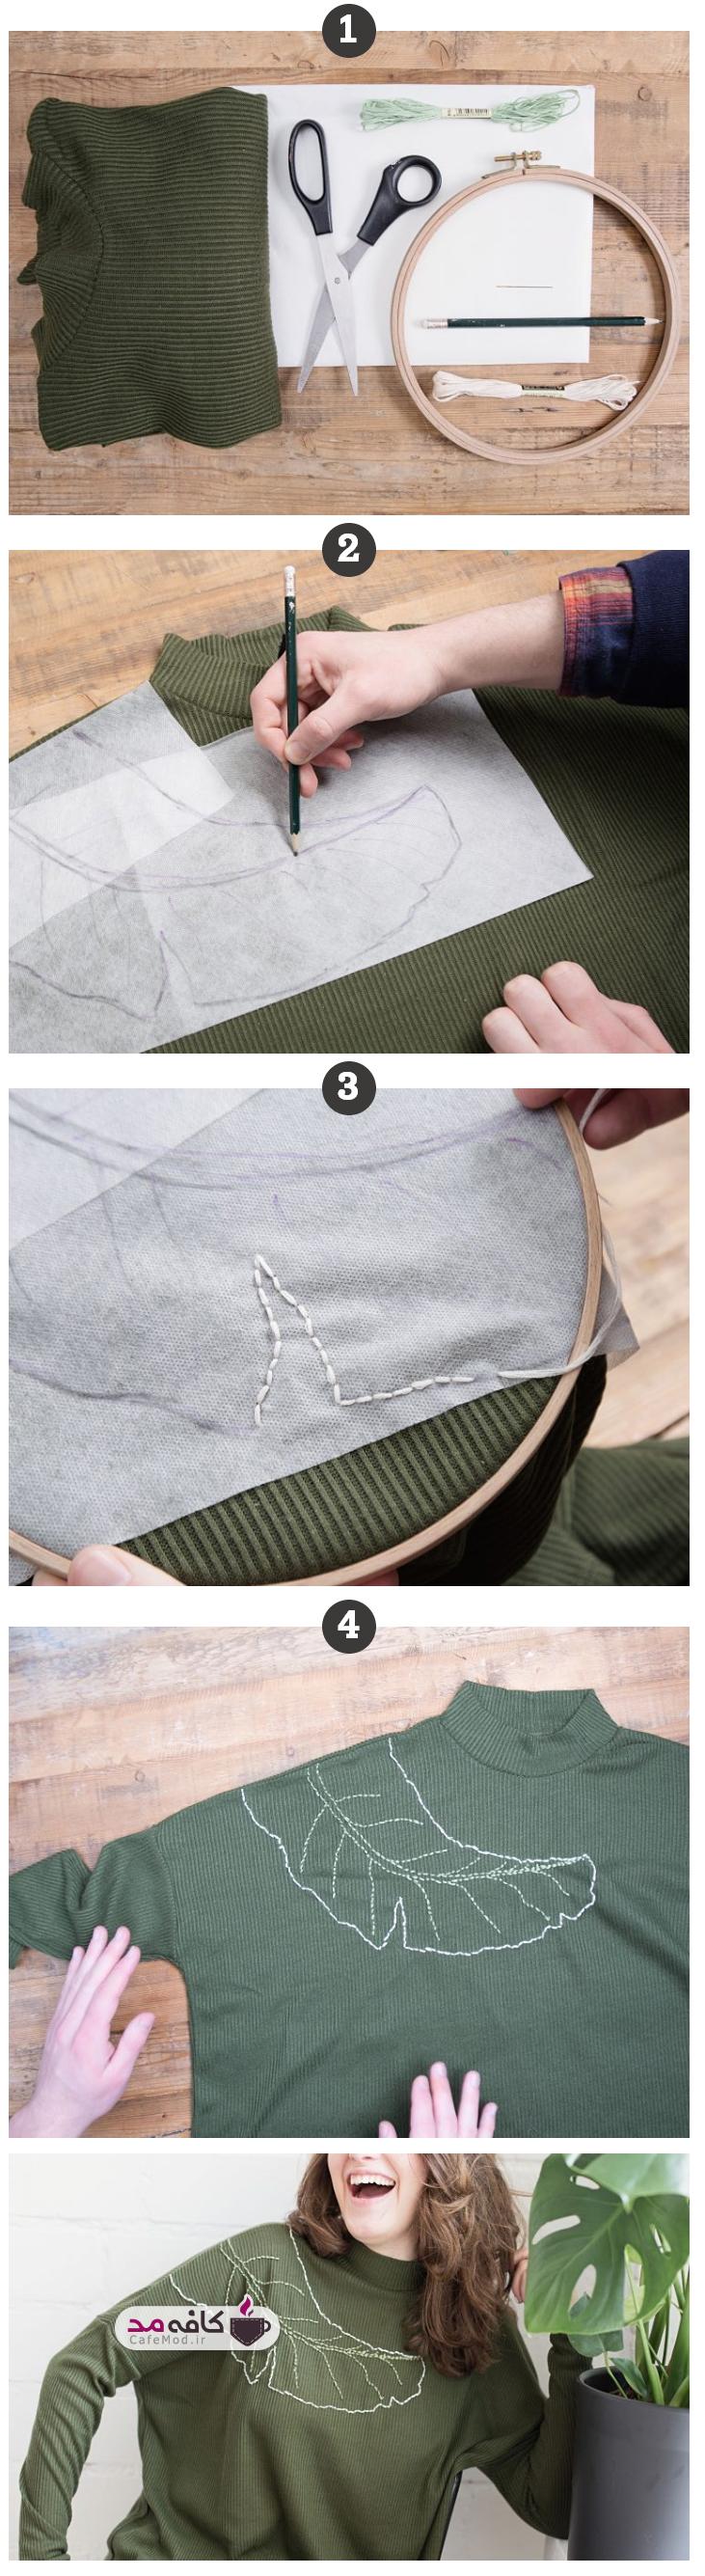 آموزش گلدوزی روی لباس بافتنی ساده